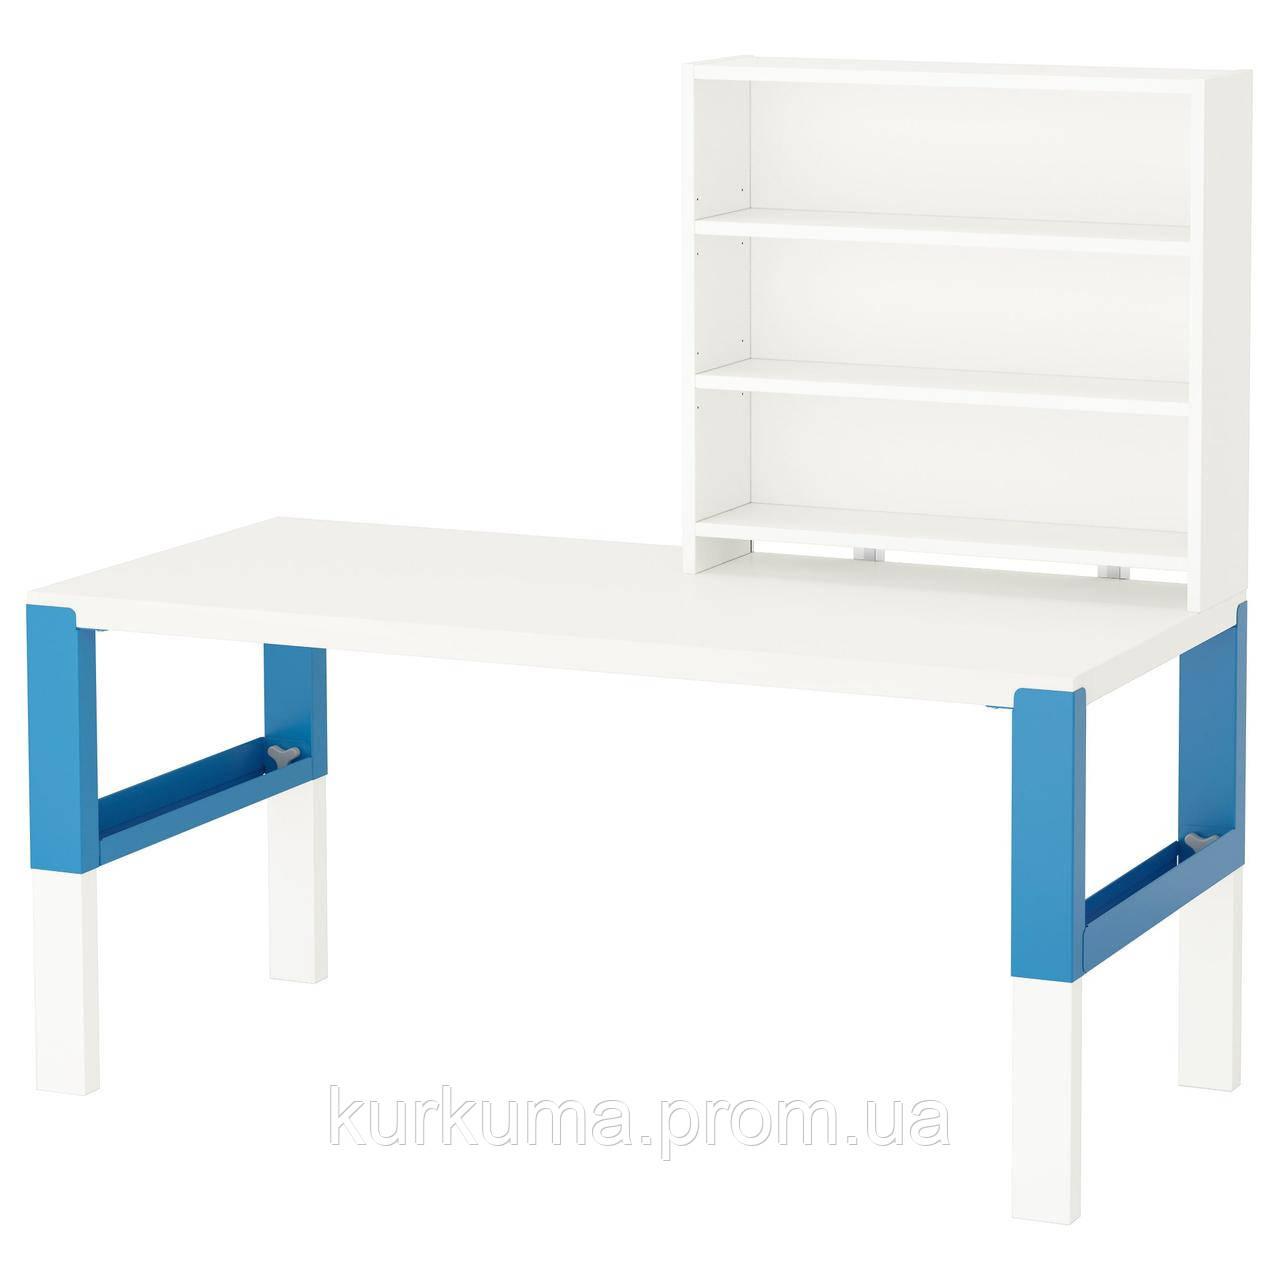 IKEA PAHL Стол с полкой, белый, синий  (291.289.94)